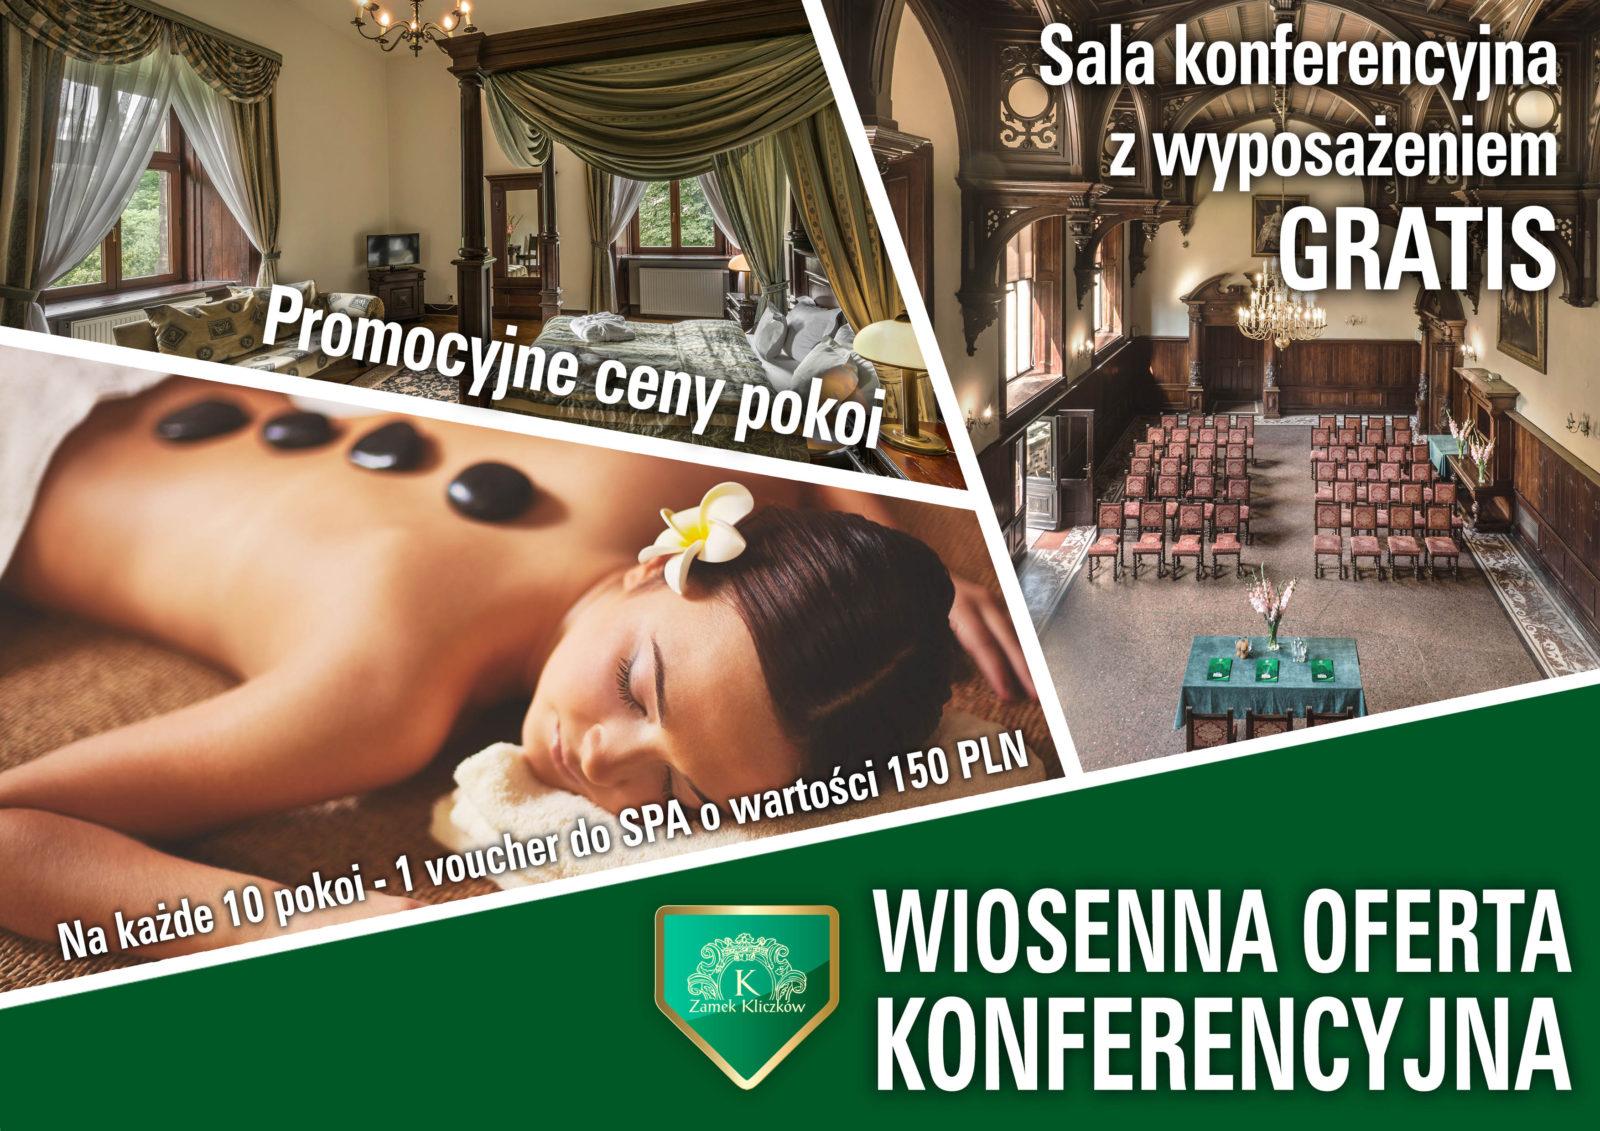 organizacja konferencji Wrocław - Zamek Kliczków